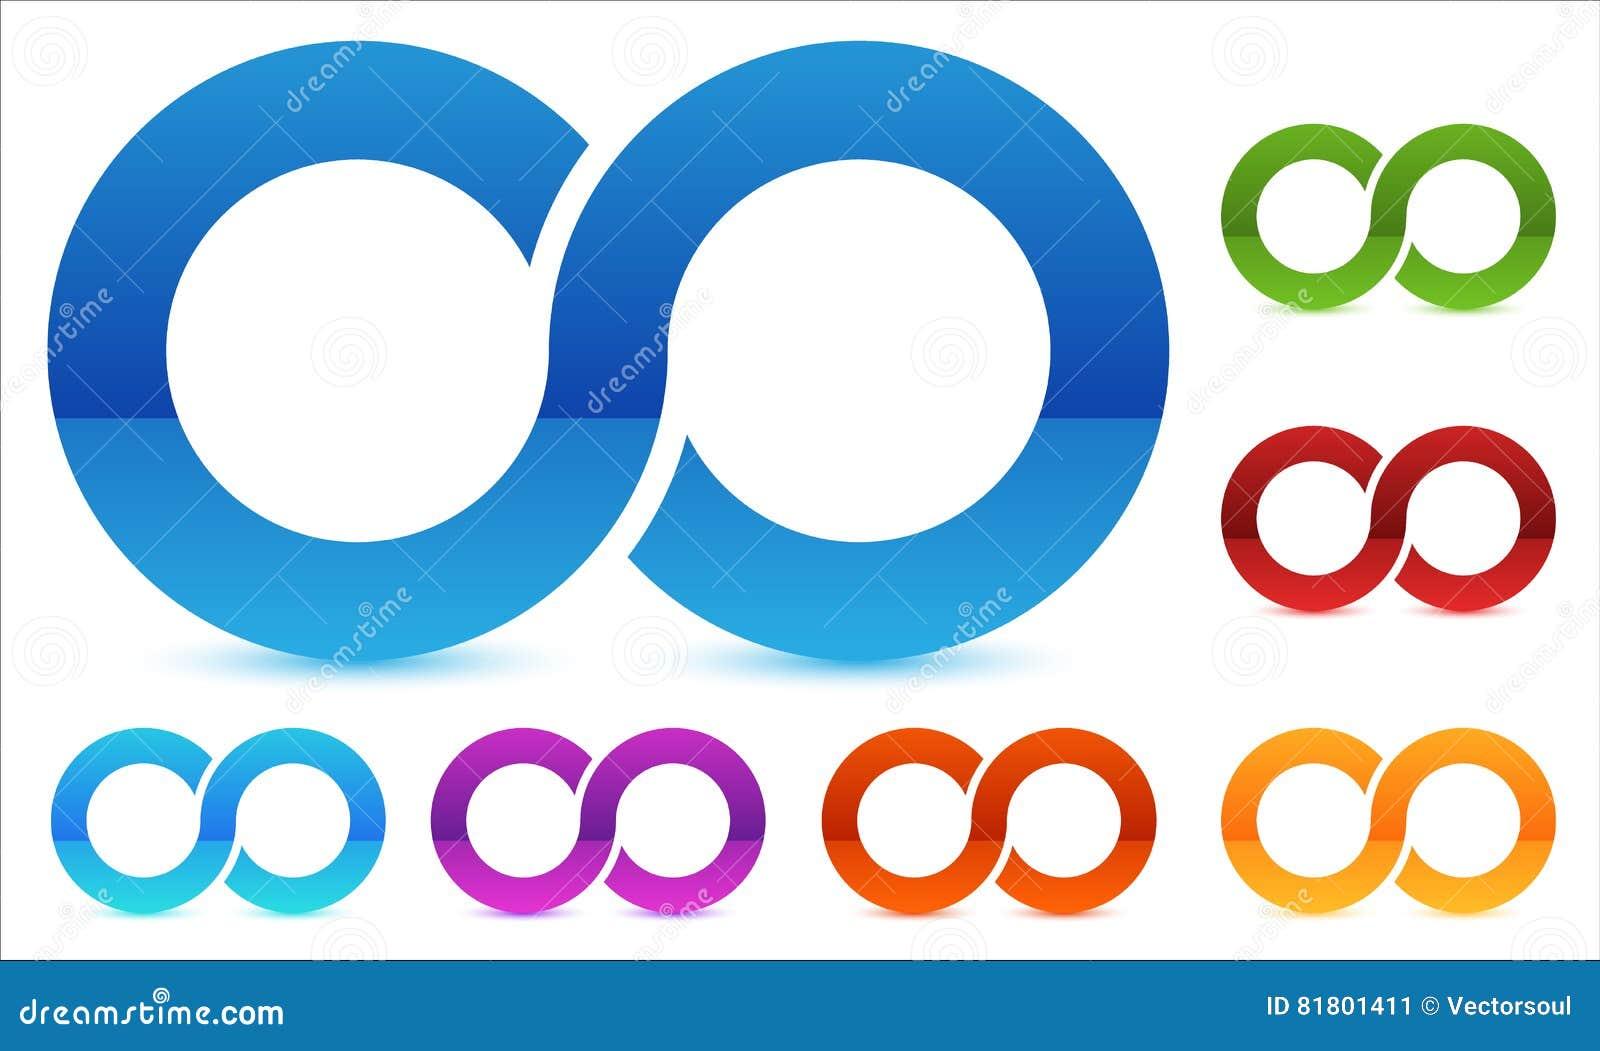 El Símbolo Del Infinito En Varios Colorea Icono Para La Continuidad